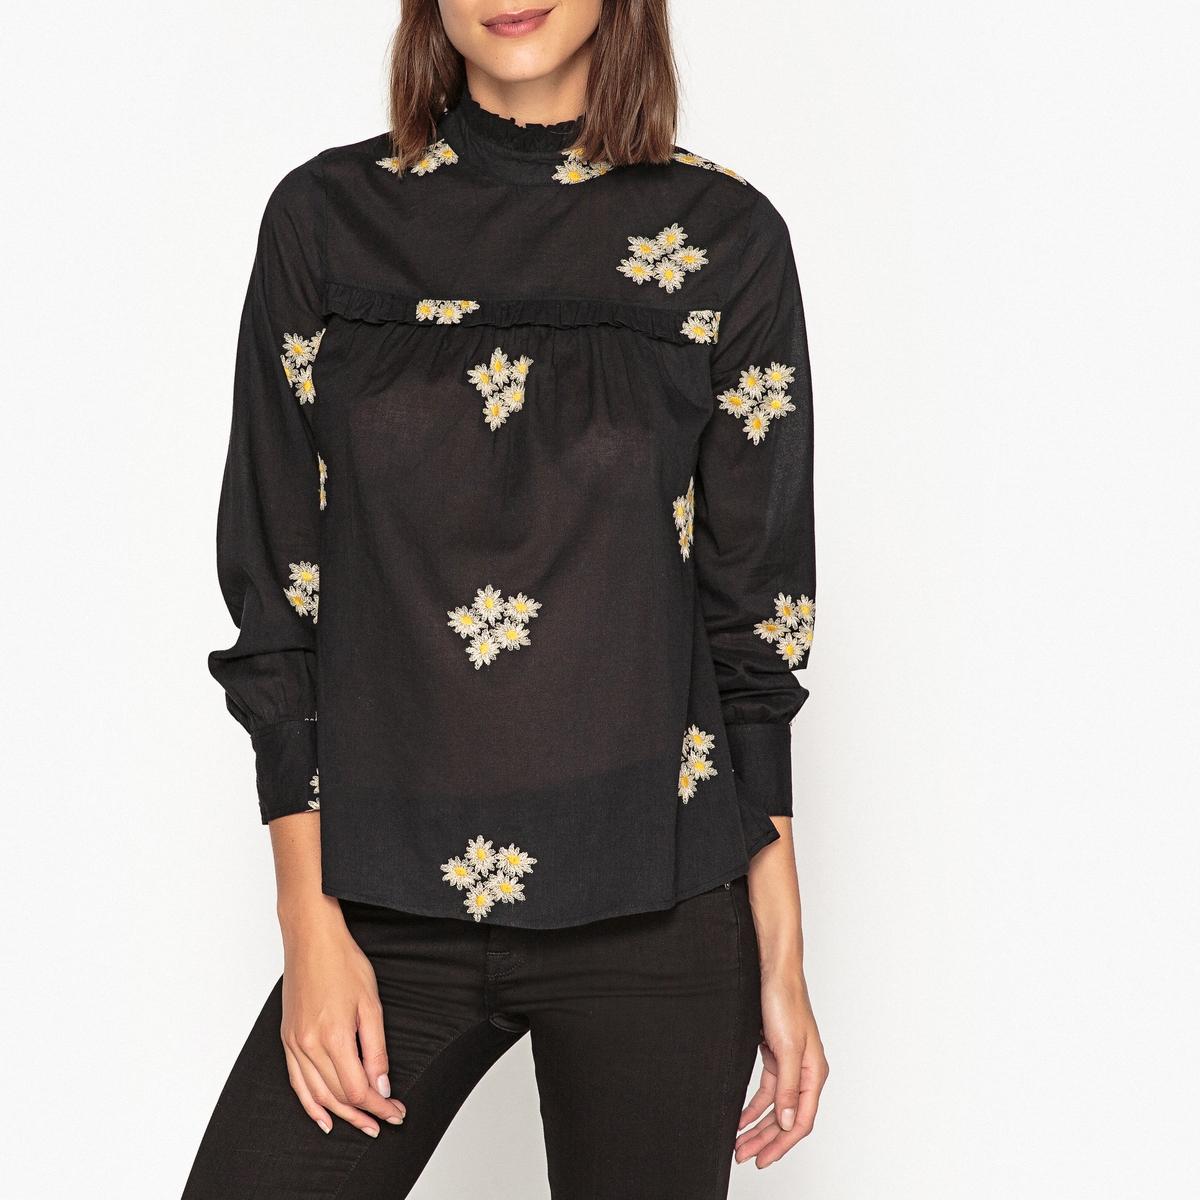 Блузка с воротником-стойкой LUNA MARGUERITES